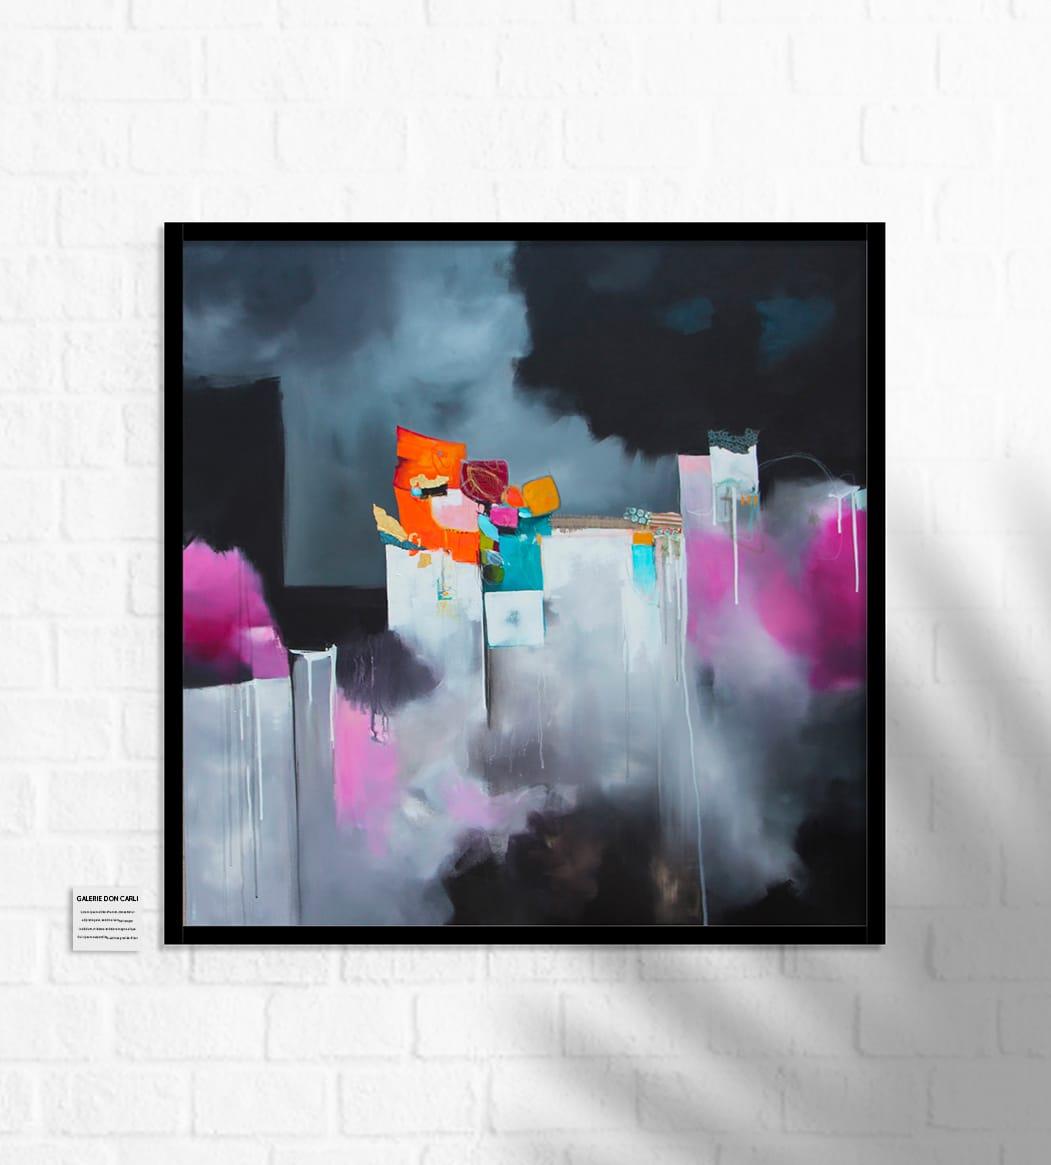 Lau Blou Galerie Don Carli